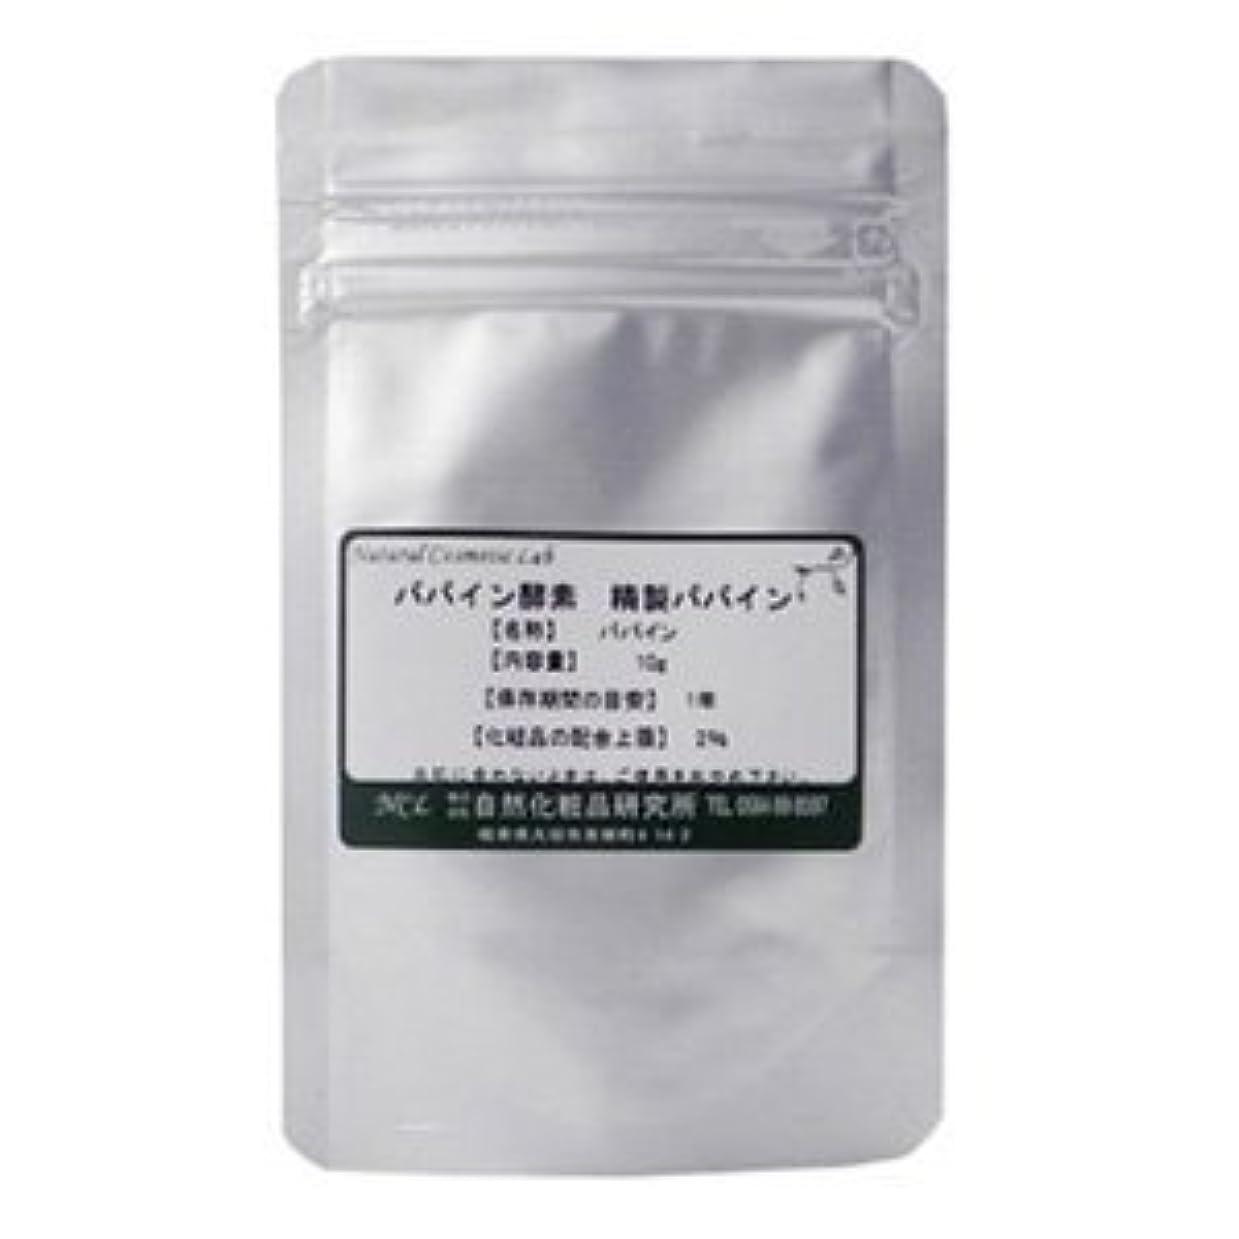 パパイン酵素 精製パパイン 10g 【手作り化粧品原料】